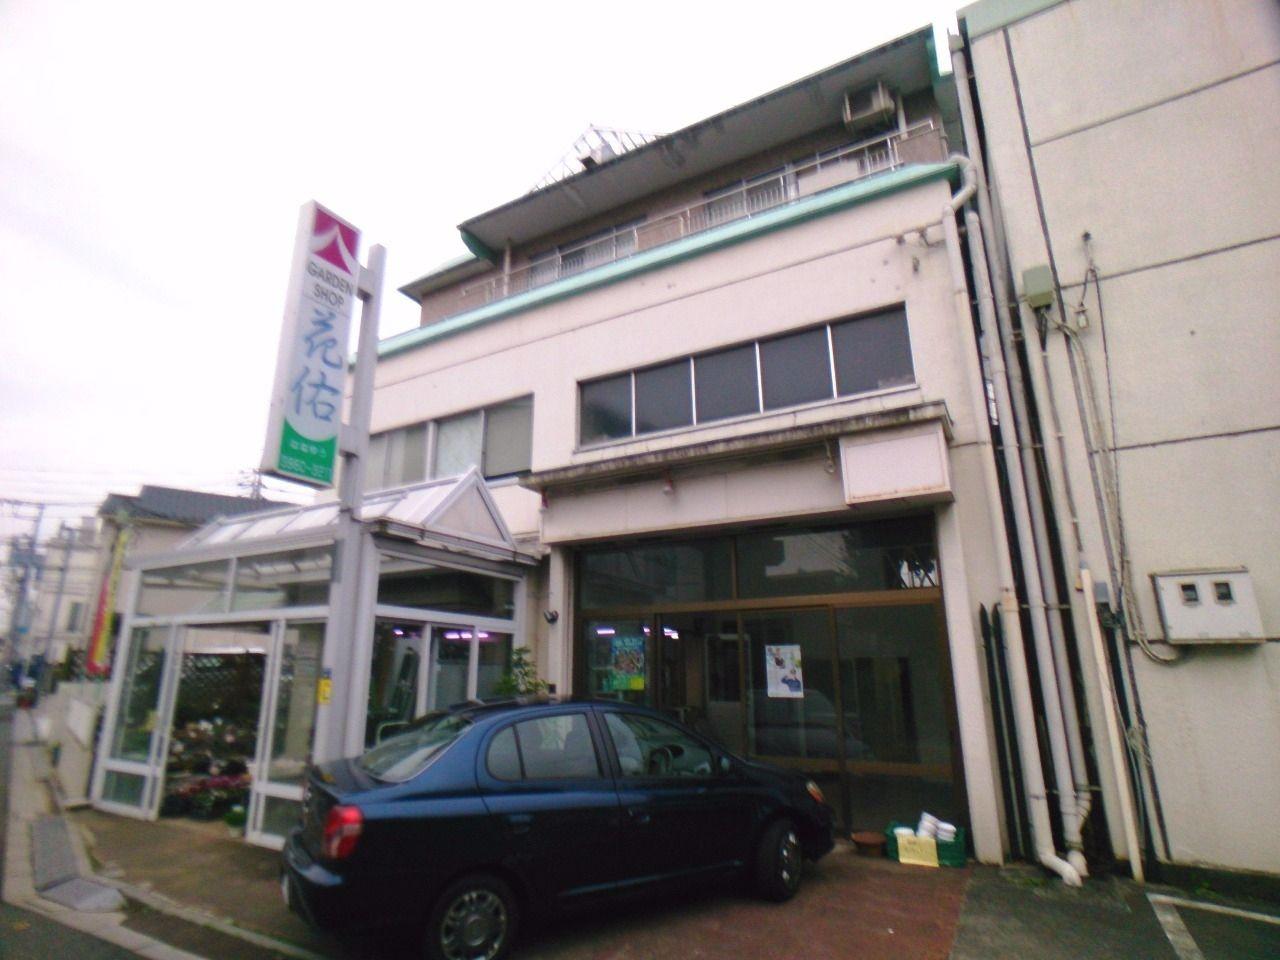 東武東上線、都営三田線の2沿線利用可能!1階と2階の倉庫を一括でご契約いただいた場合は賃料値下げします!詳細は弊社までお問い合わせ下さい。 外観